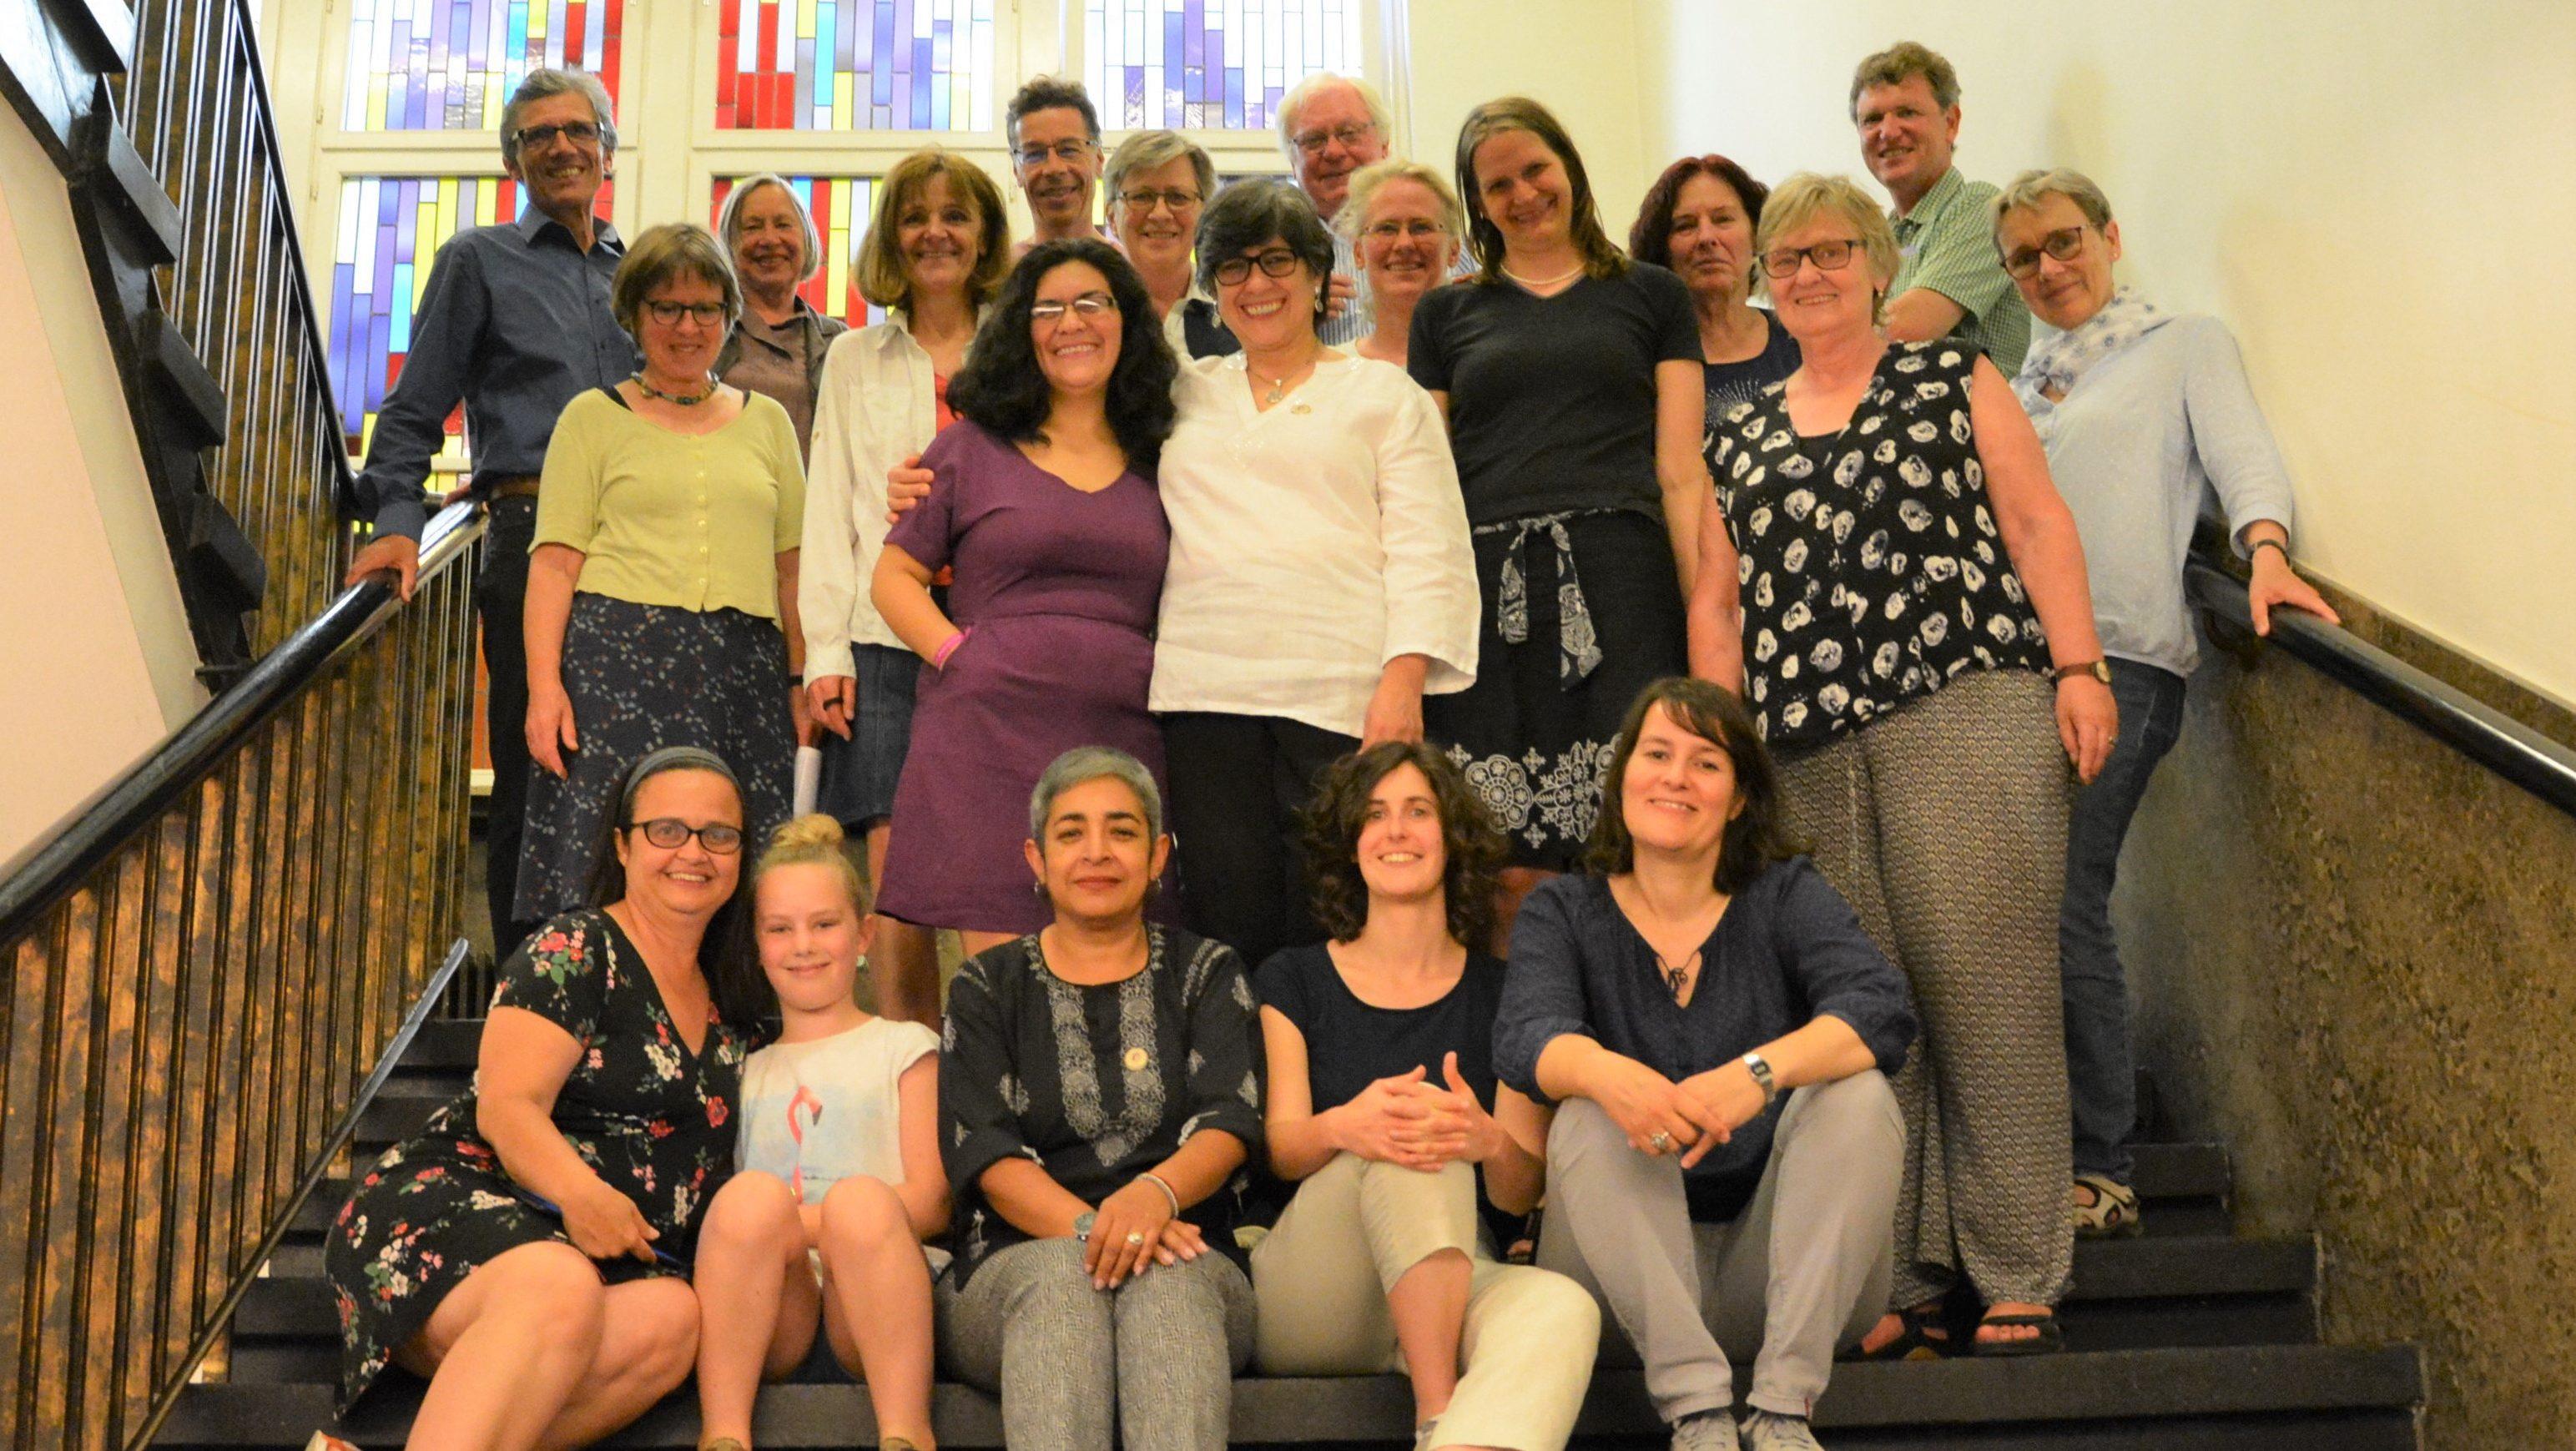 Preisträger der Georg-Fritze-Gedächtnisgabe in Köln angekommen: Besuch aus Honduras sicher gelandet!